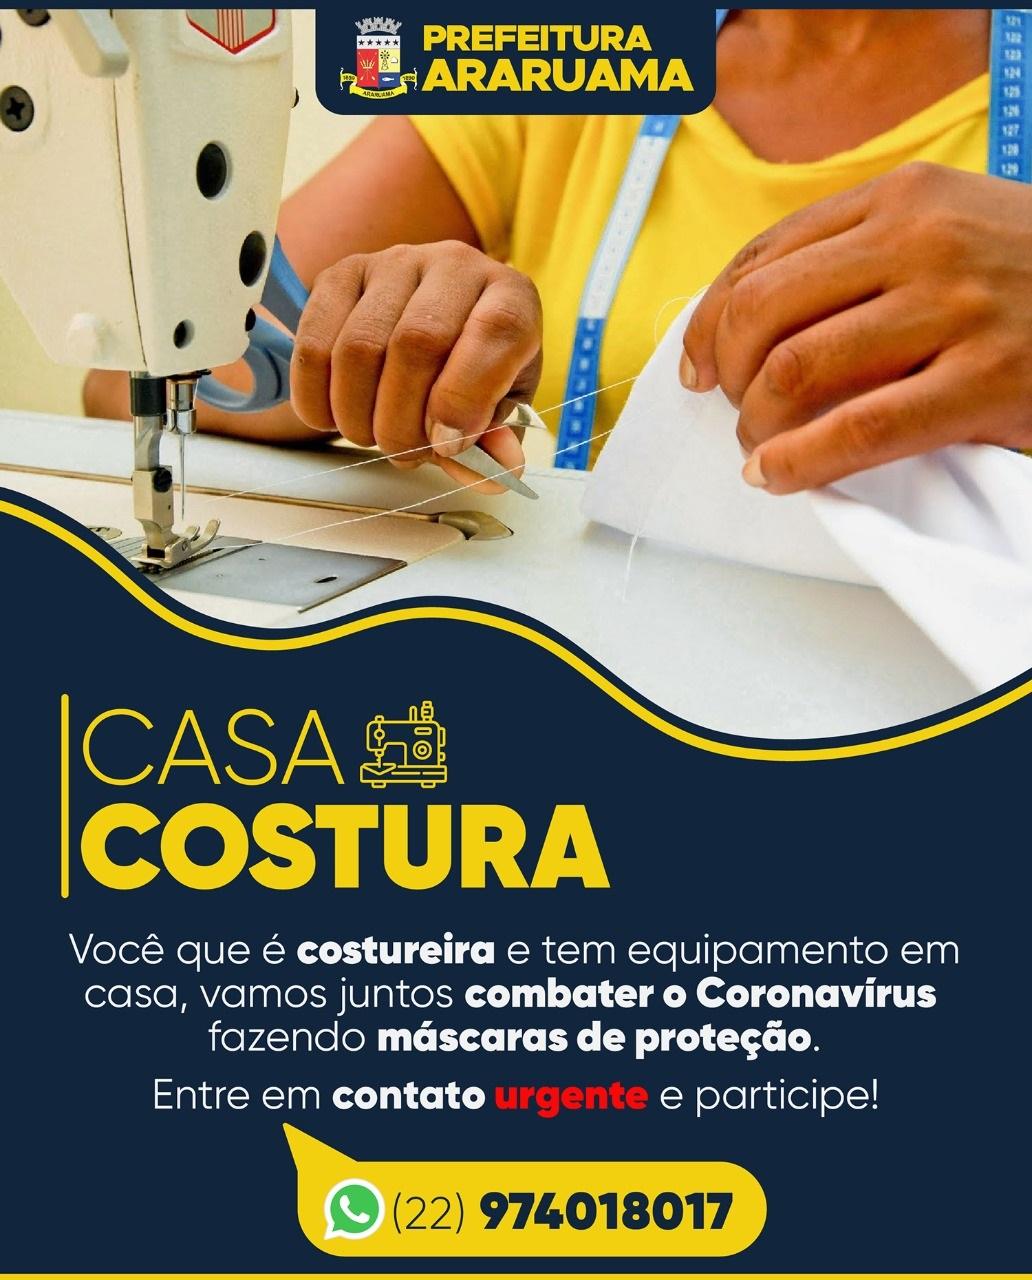 """Prefeitura de Araruama lança o projeto """"Casa Costura"""" para ajudar conter pandemia do Coronavírus"""